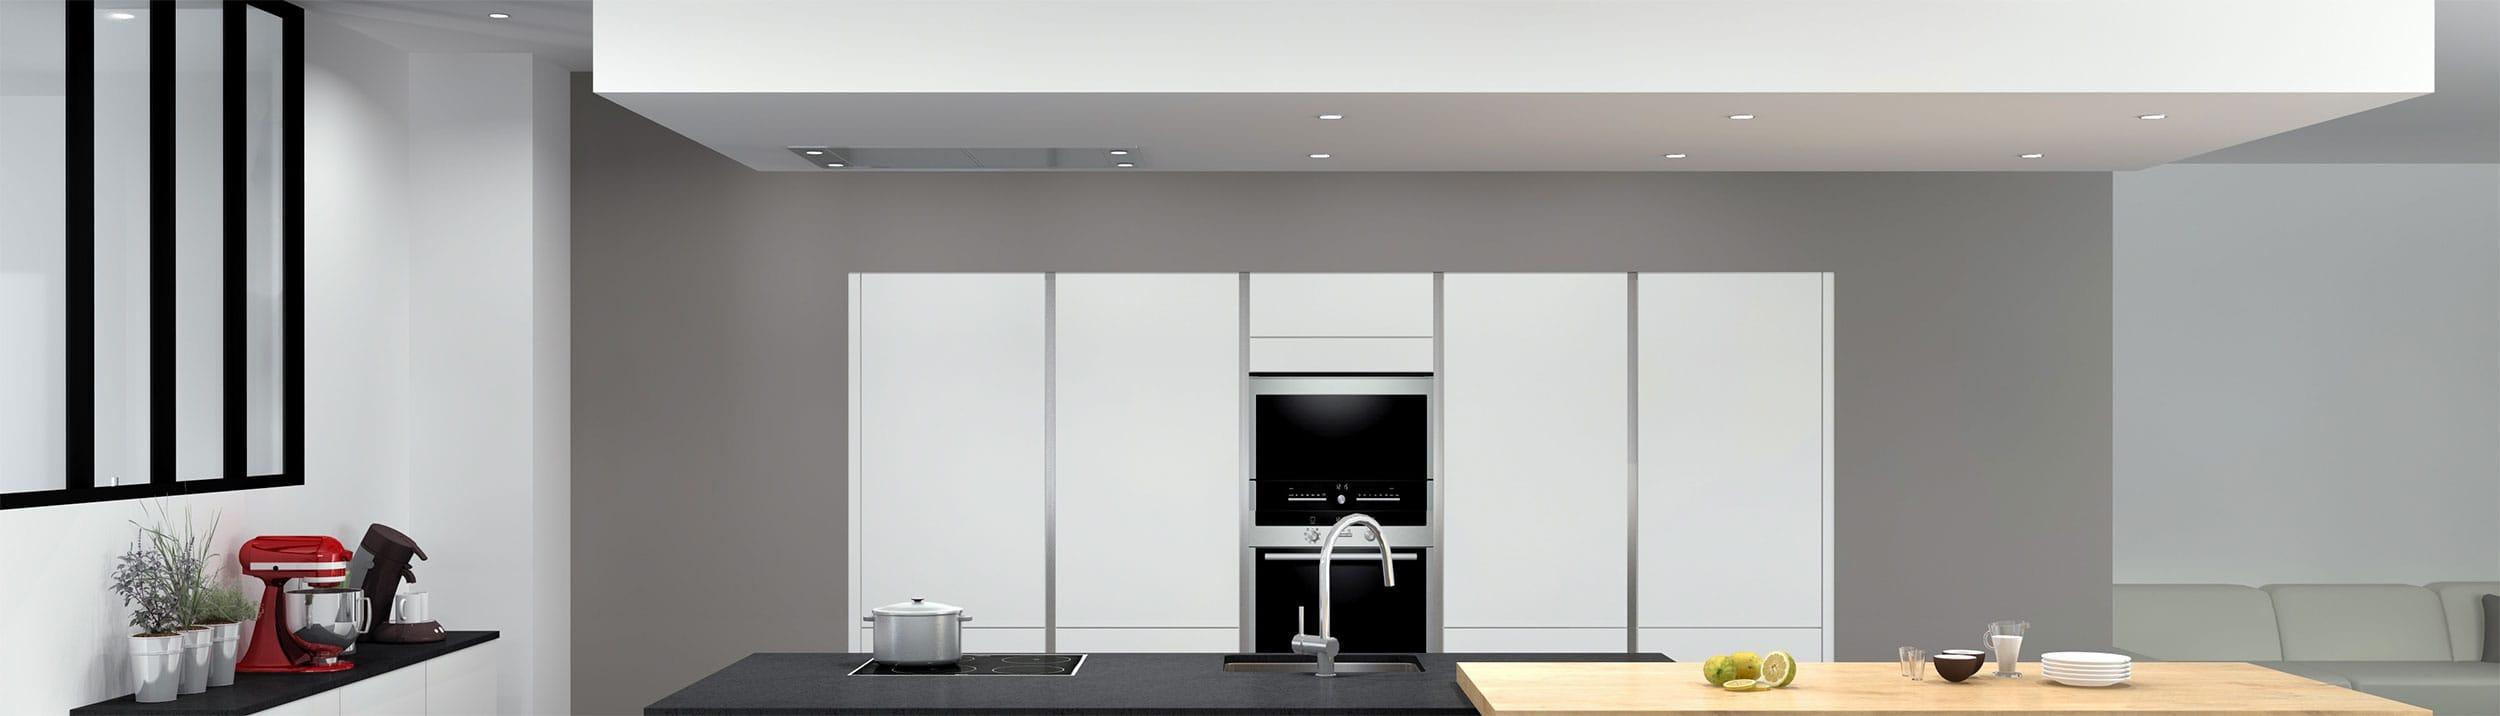 Faux Plafond Suspendu Cuisine pourquoi mettre un faux plafond dans sa cuisine ? designo